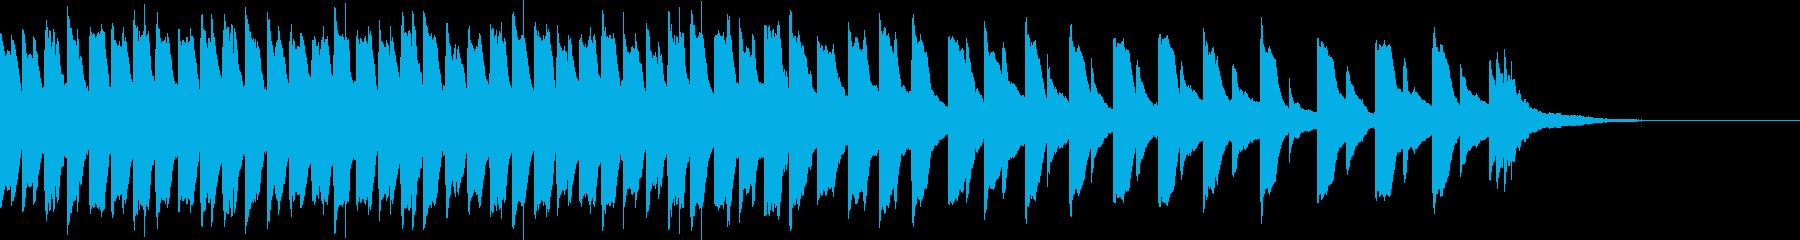 カジノスロット抽選ゲーム(秒数確定版)の再生済みの波形